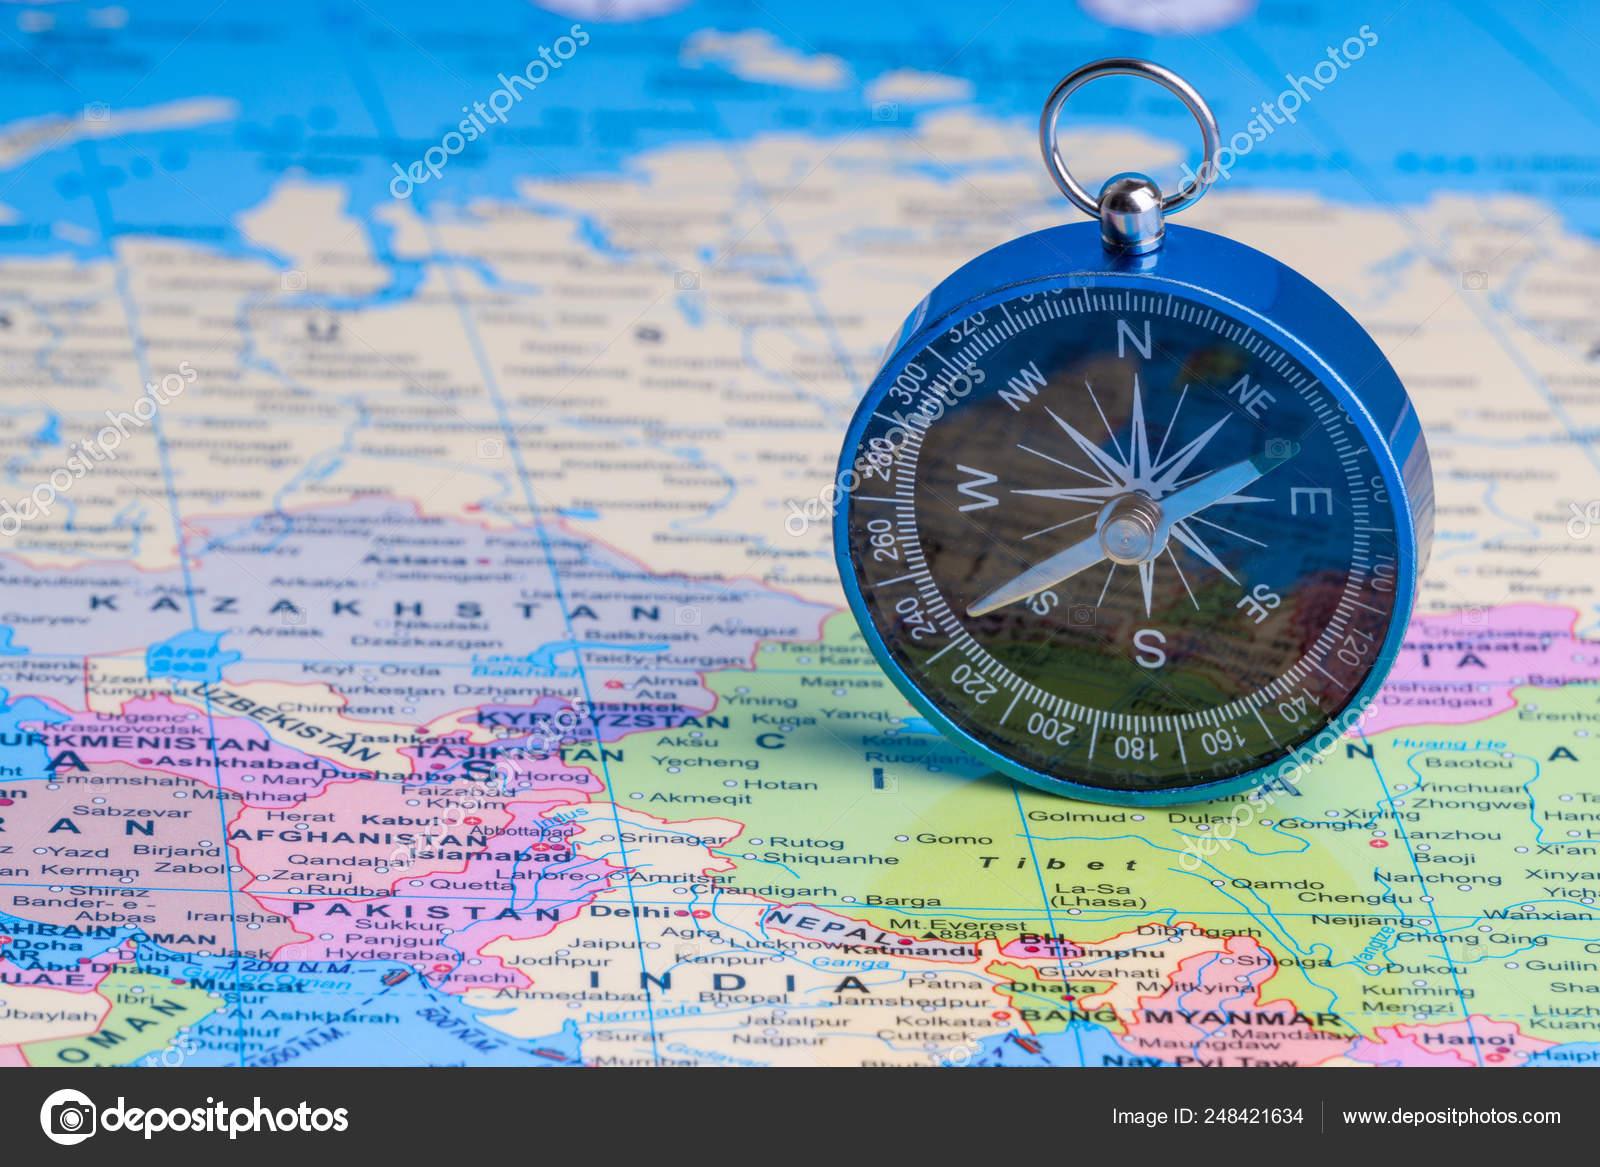 Kuala Lumpur Malaysia February 2019 Comp World Map Background ... on world map colombo, world map malacca, world map manila, world map brussels, world map penang, world map singapore, world map bangkok, world map jakarta, world map bangalore, world map malaysia, world map mumbai,